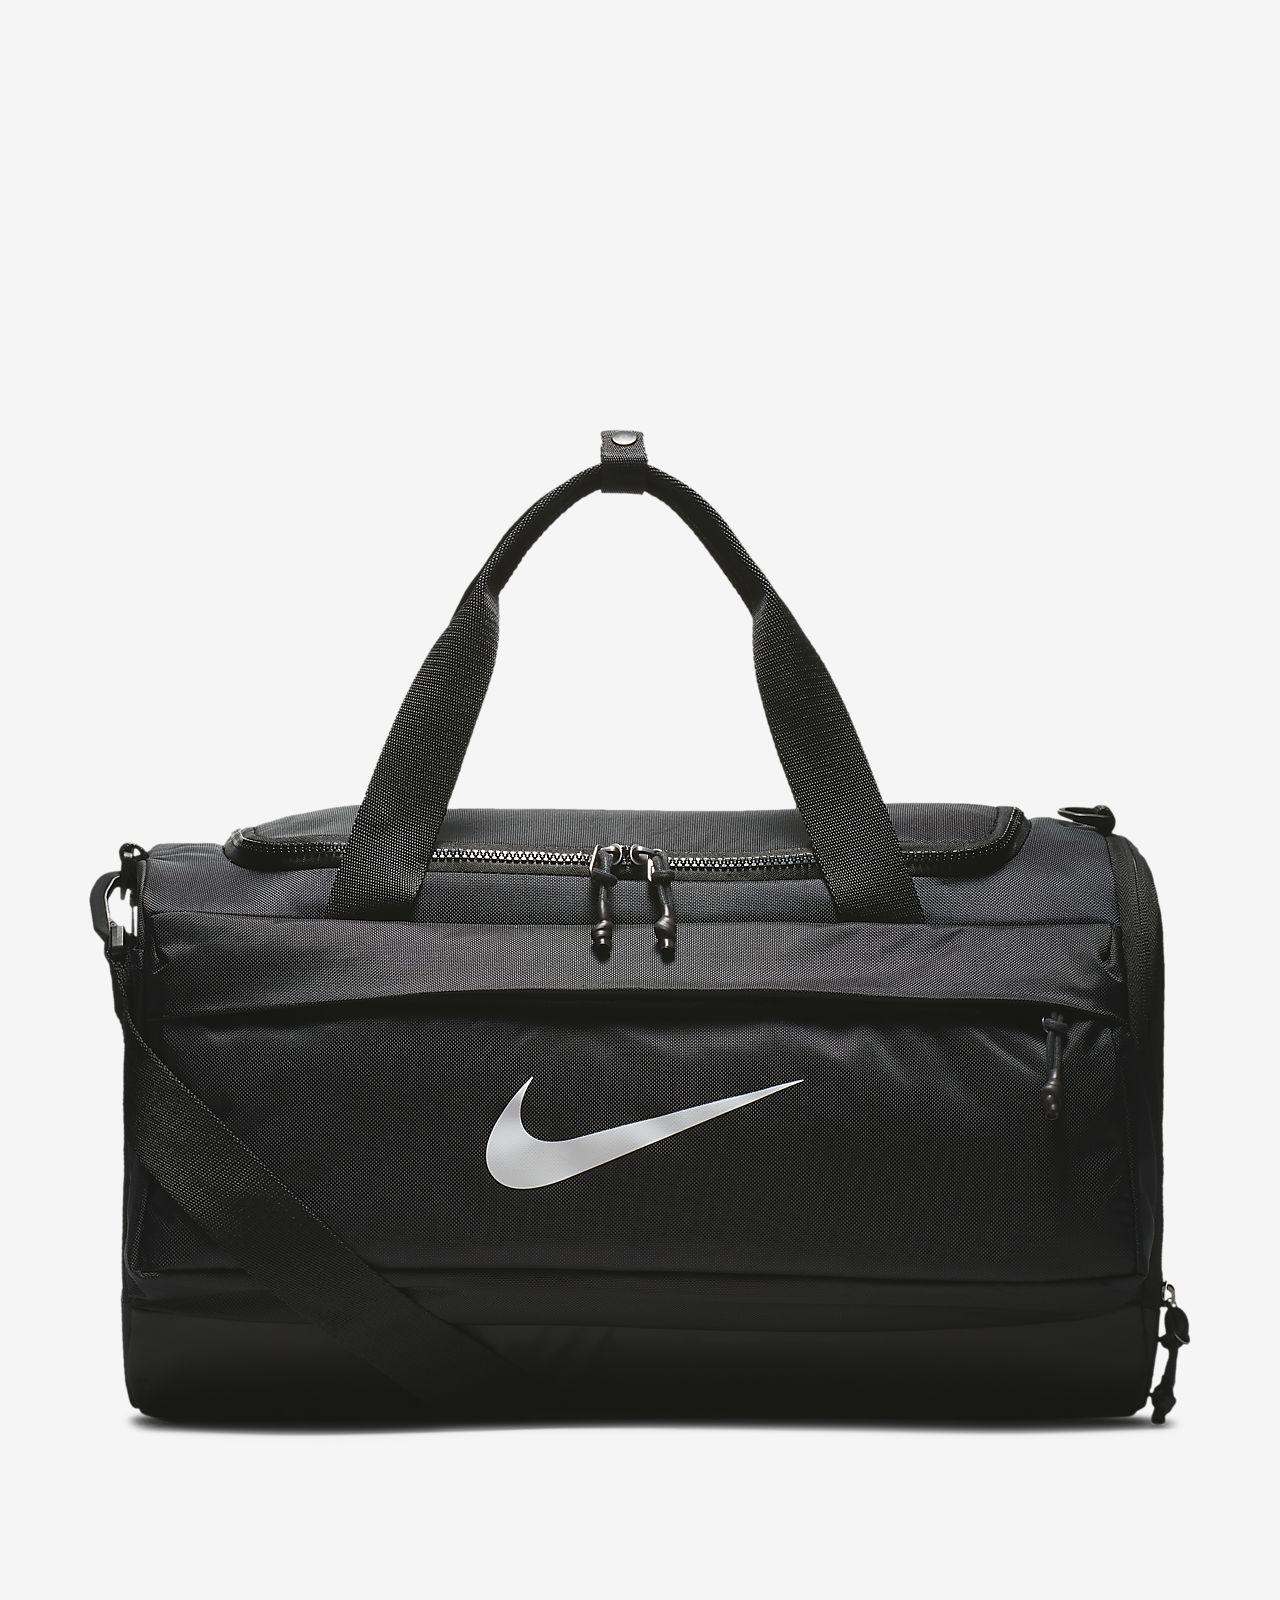 Παιδική τσάντα γυμναστηρίου Nike Vapor Sprint